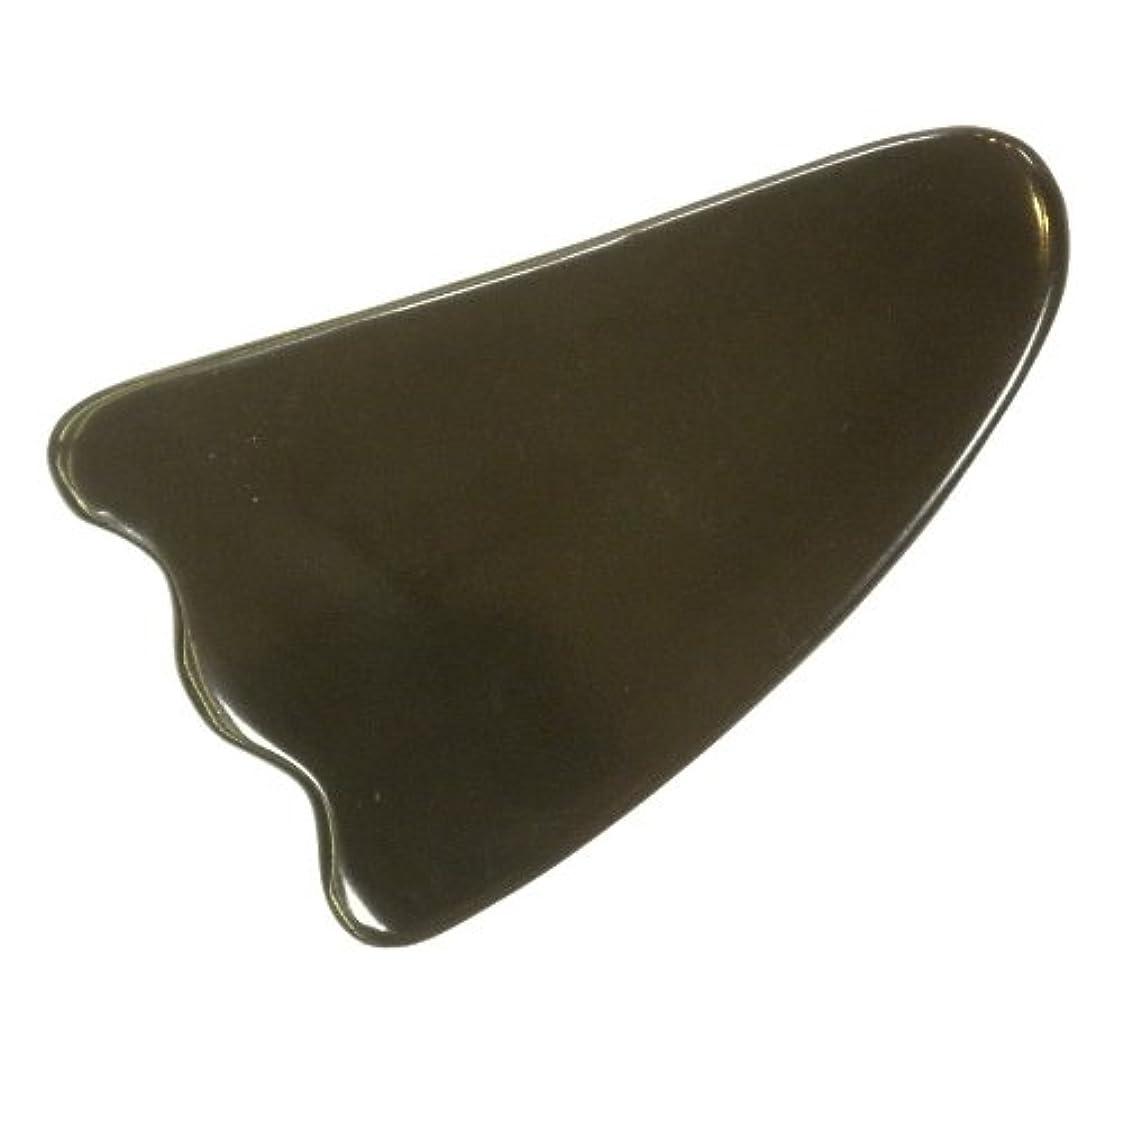 フォーク先祖絶妙かっさ プレート 厚さが選べる 水牛の角(黒水牛角) EHE213SP 羽根型 特級品 標準(6ミリ程度)